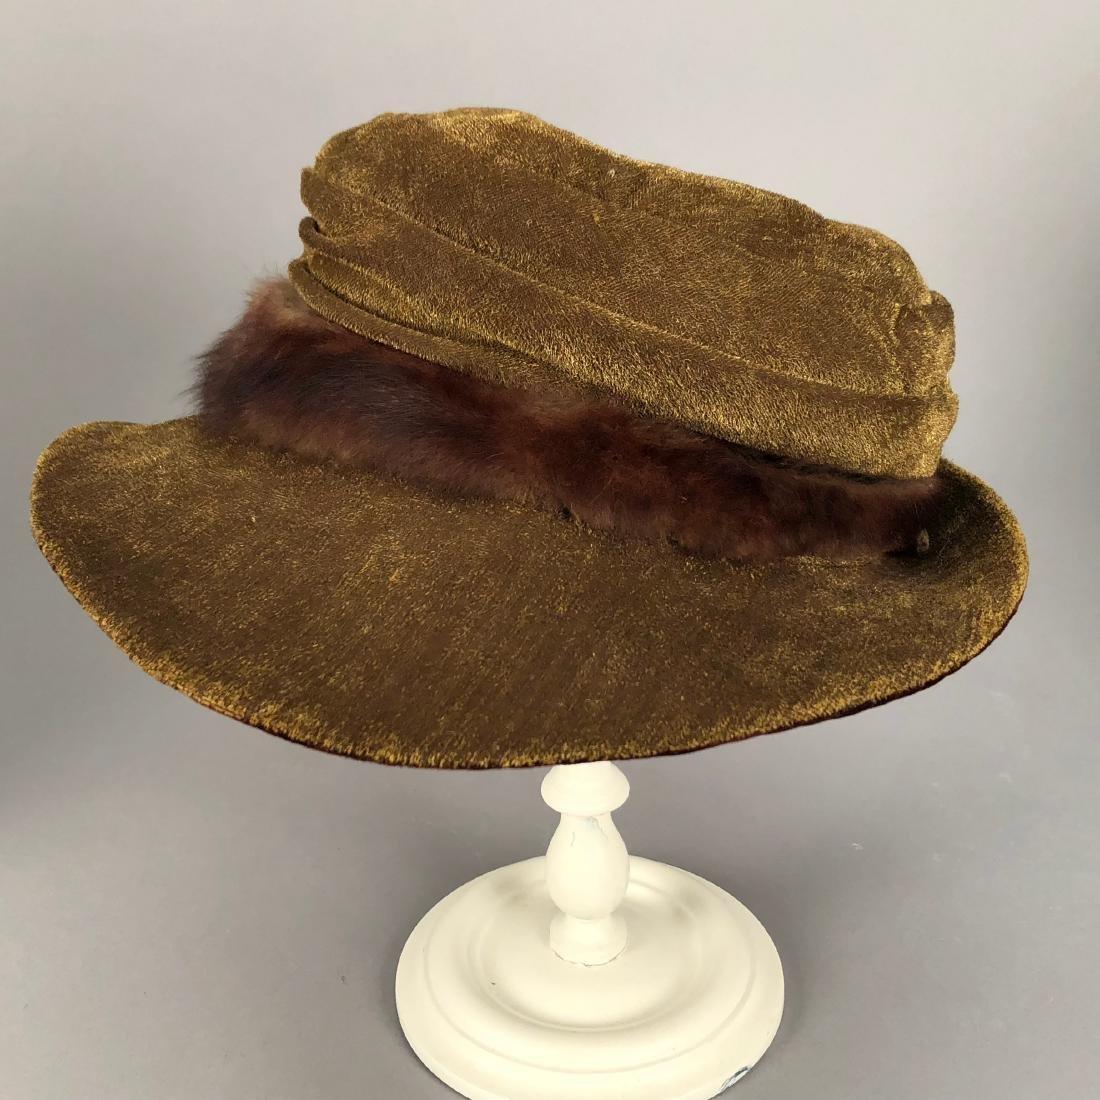 FOUR VELVET HATS, 1914 - 1918 - 3